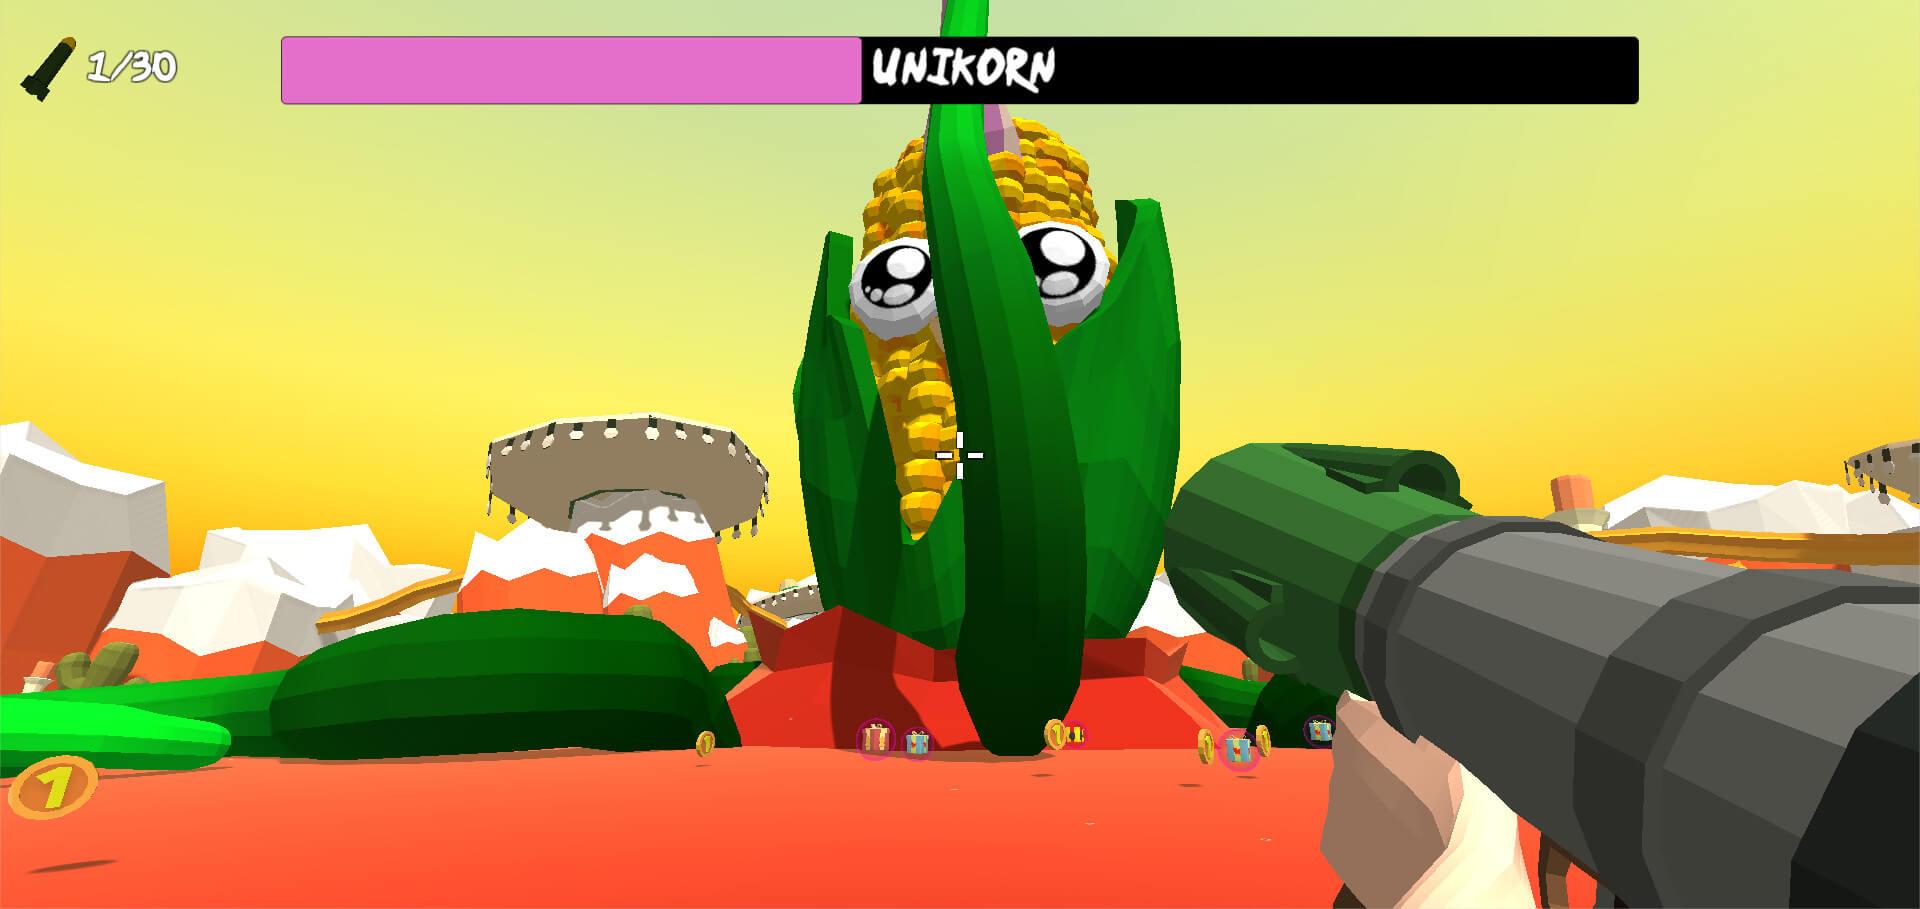 Скриншот из игры Gorytale